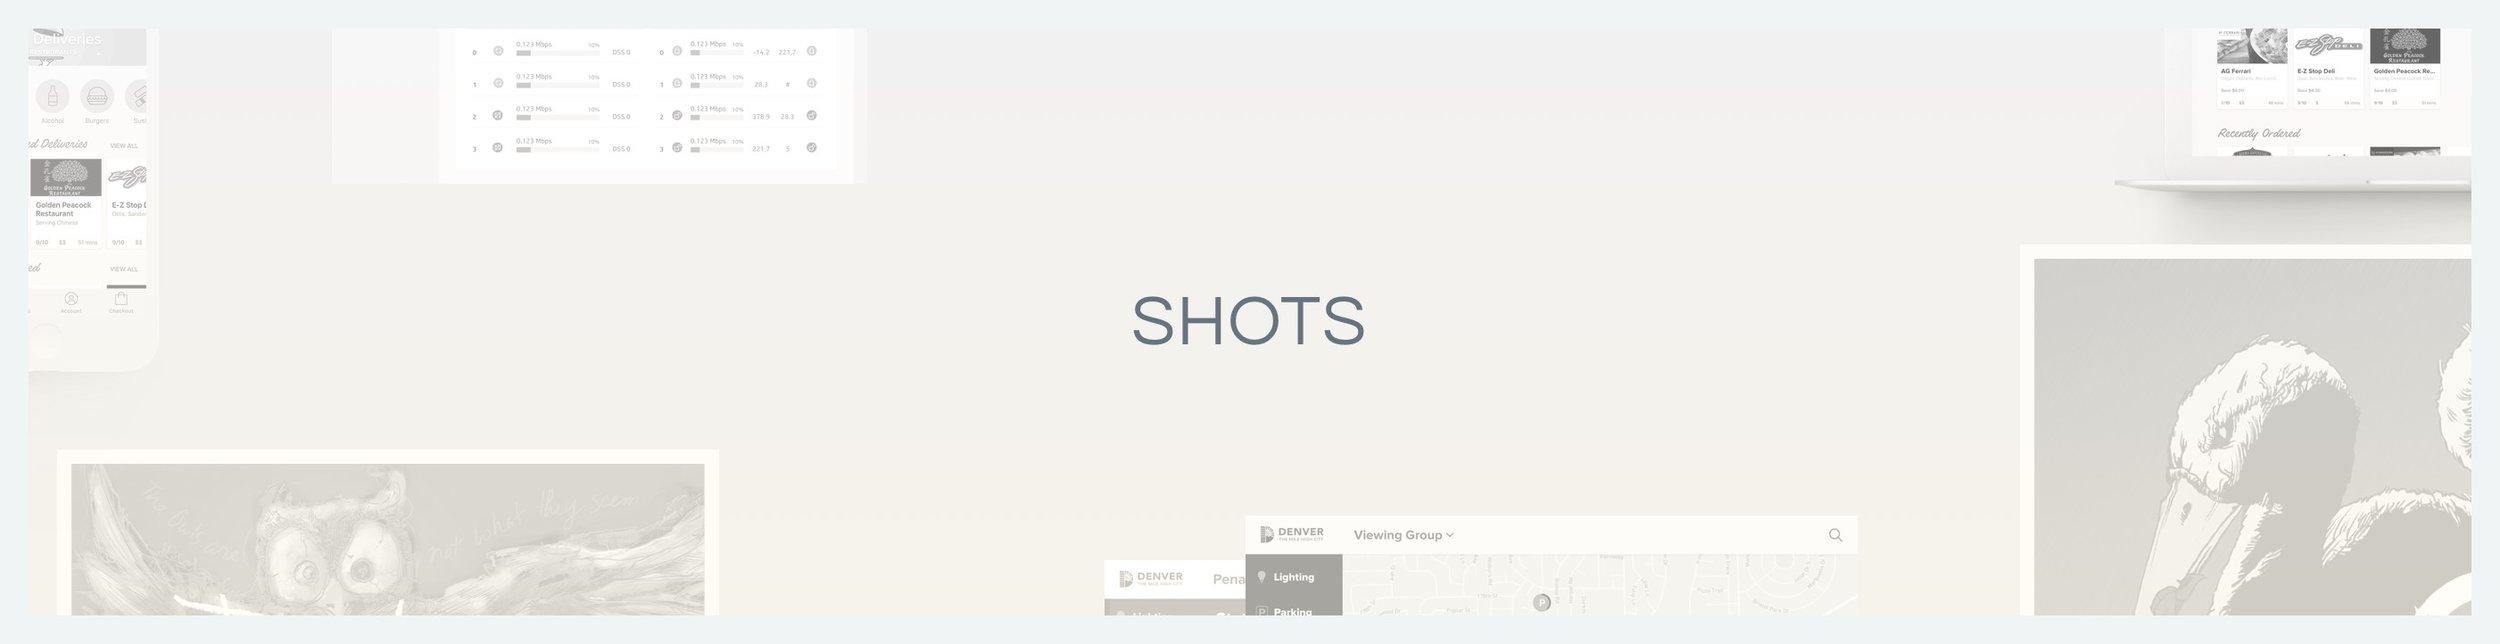 Shots-00.jpg